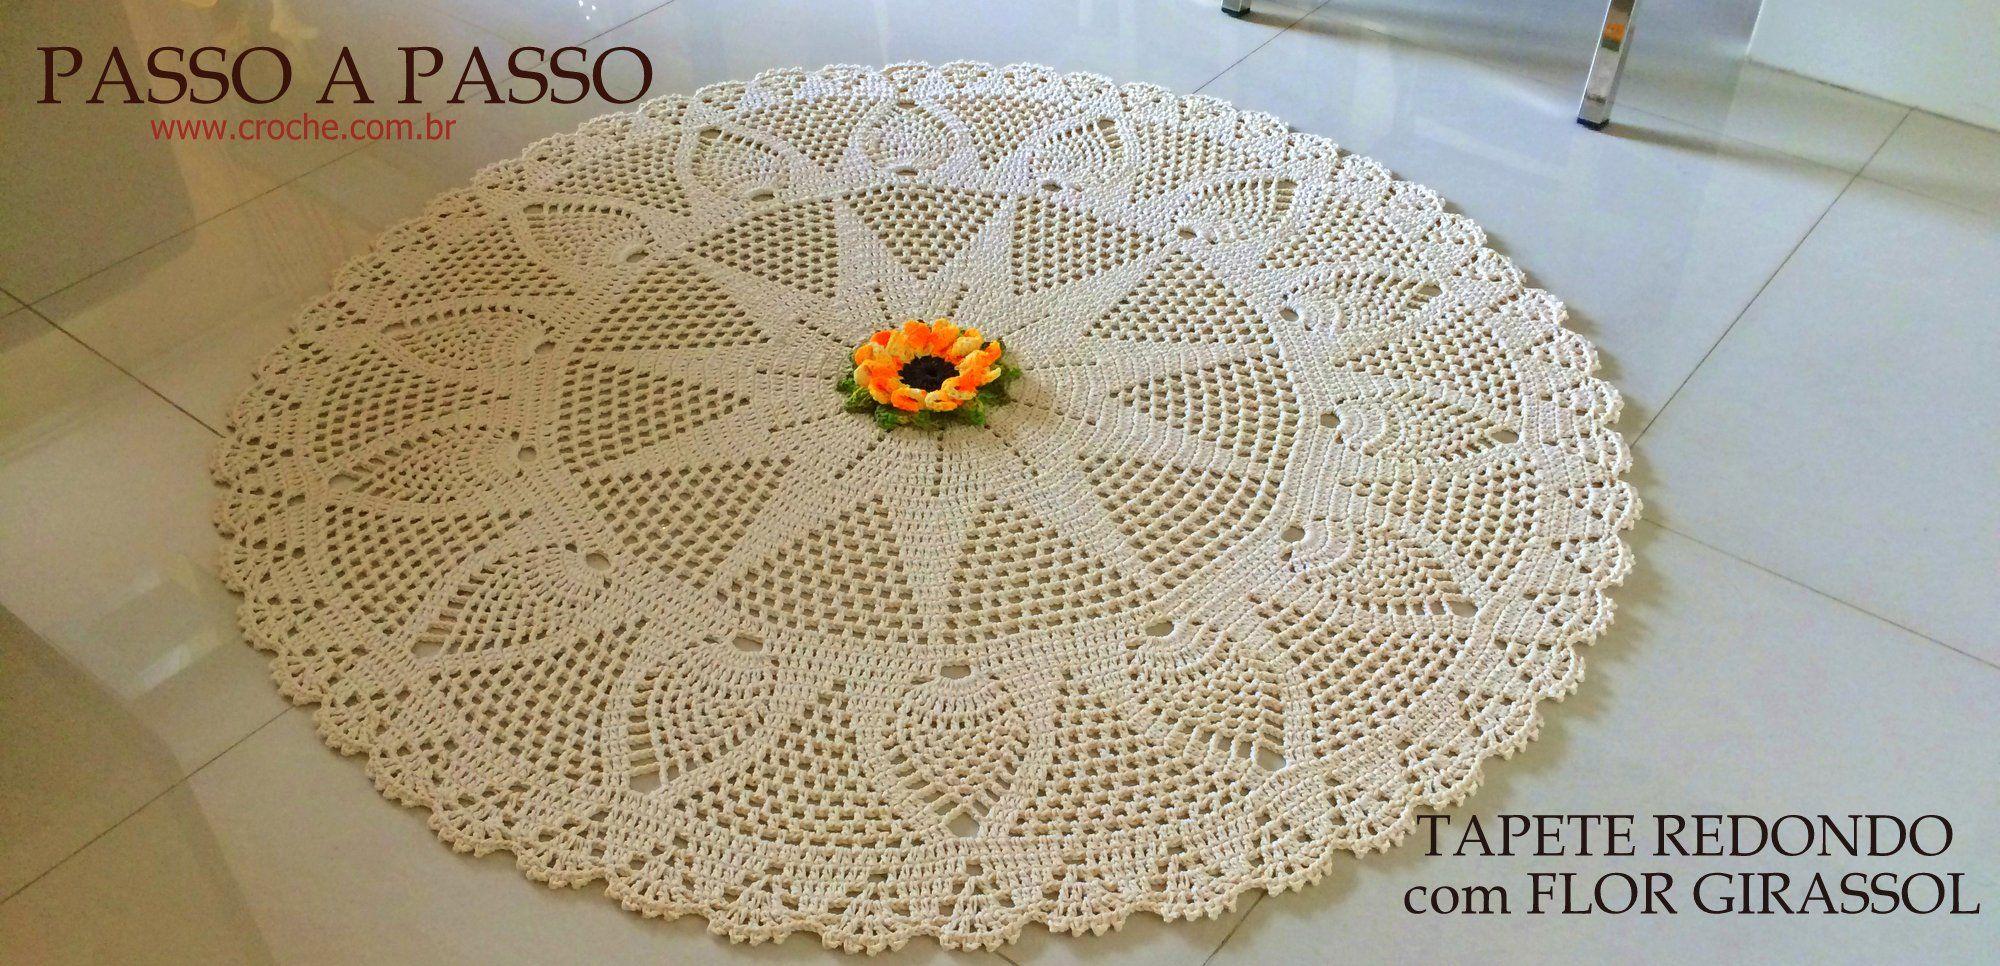 Tapete Redondo Com Flor Girassol Passo A Passo Sillas Pinterest  -> Tapete De Croche Redondo Passo A Passo